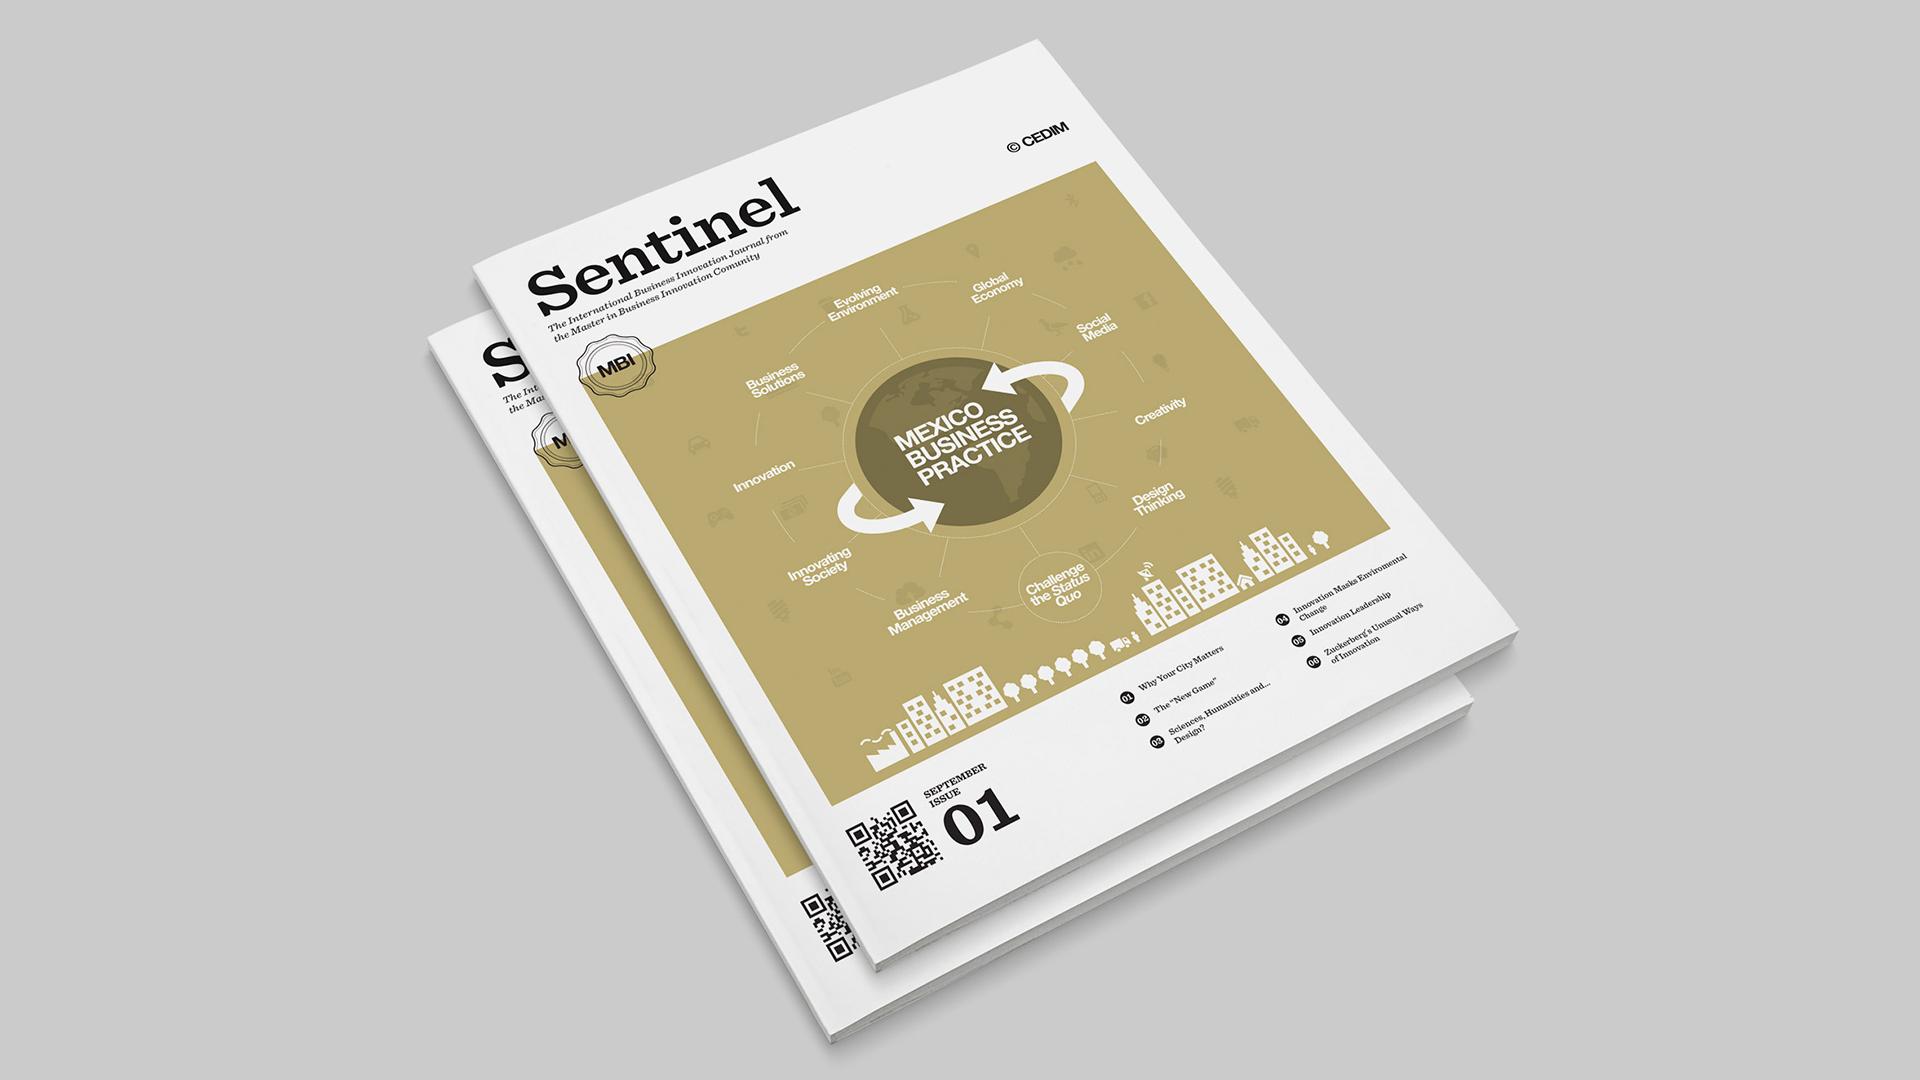 Baner_Sentinel